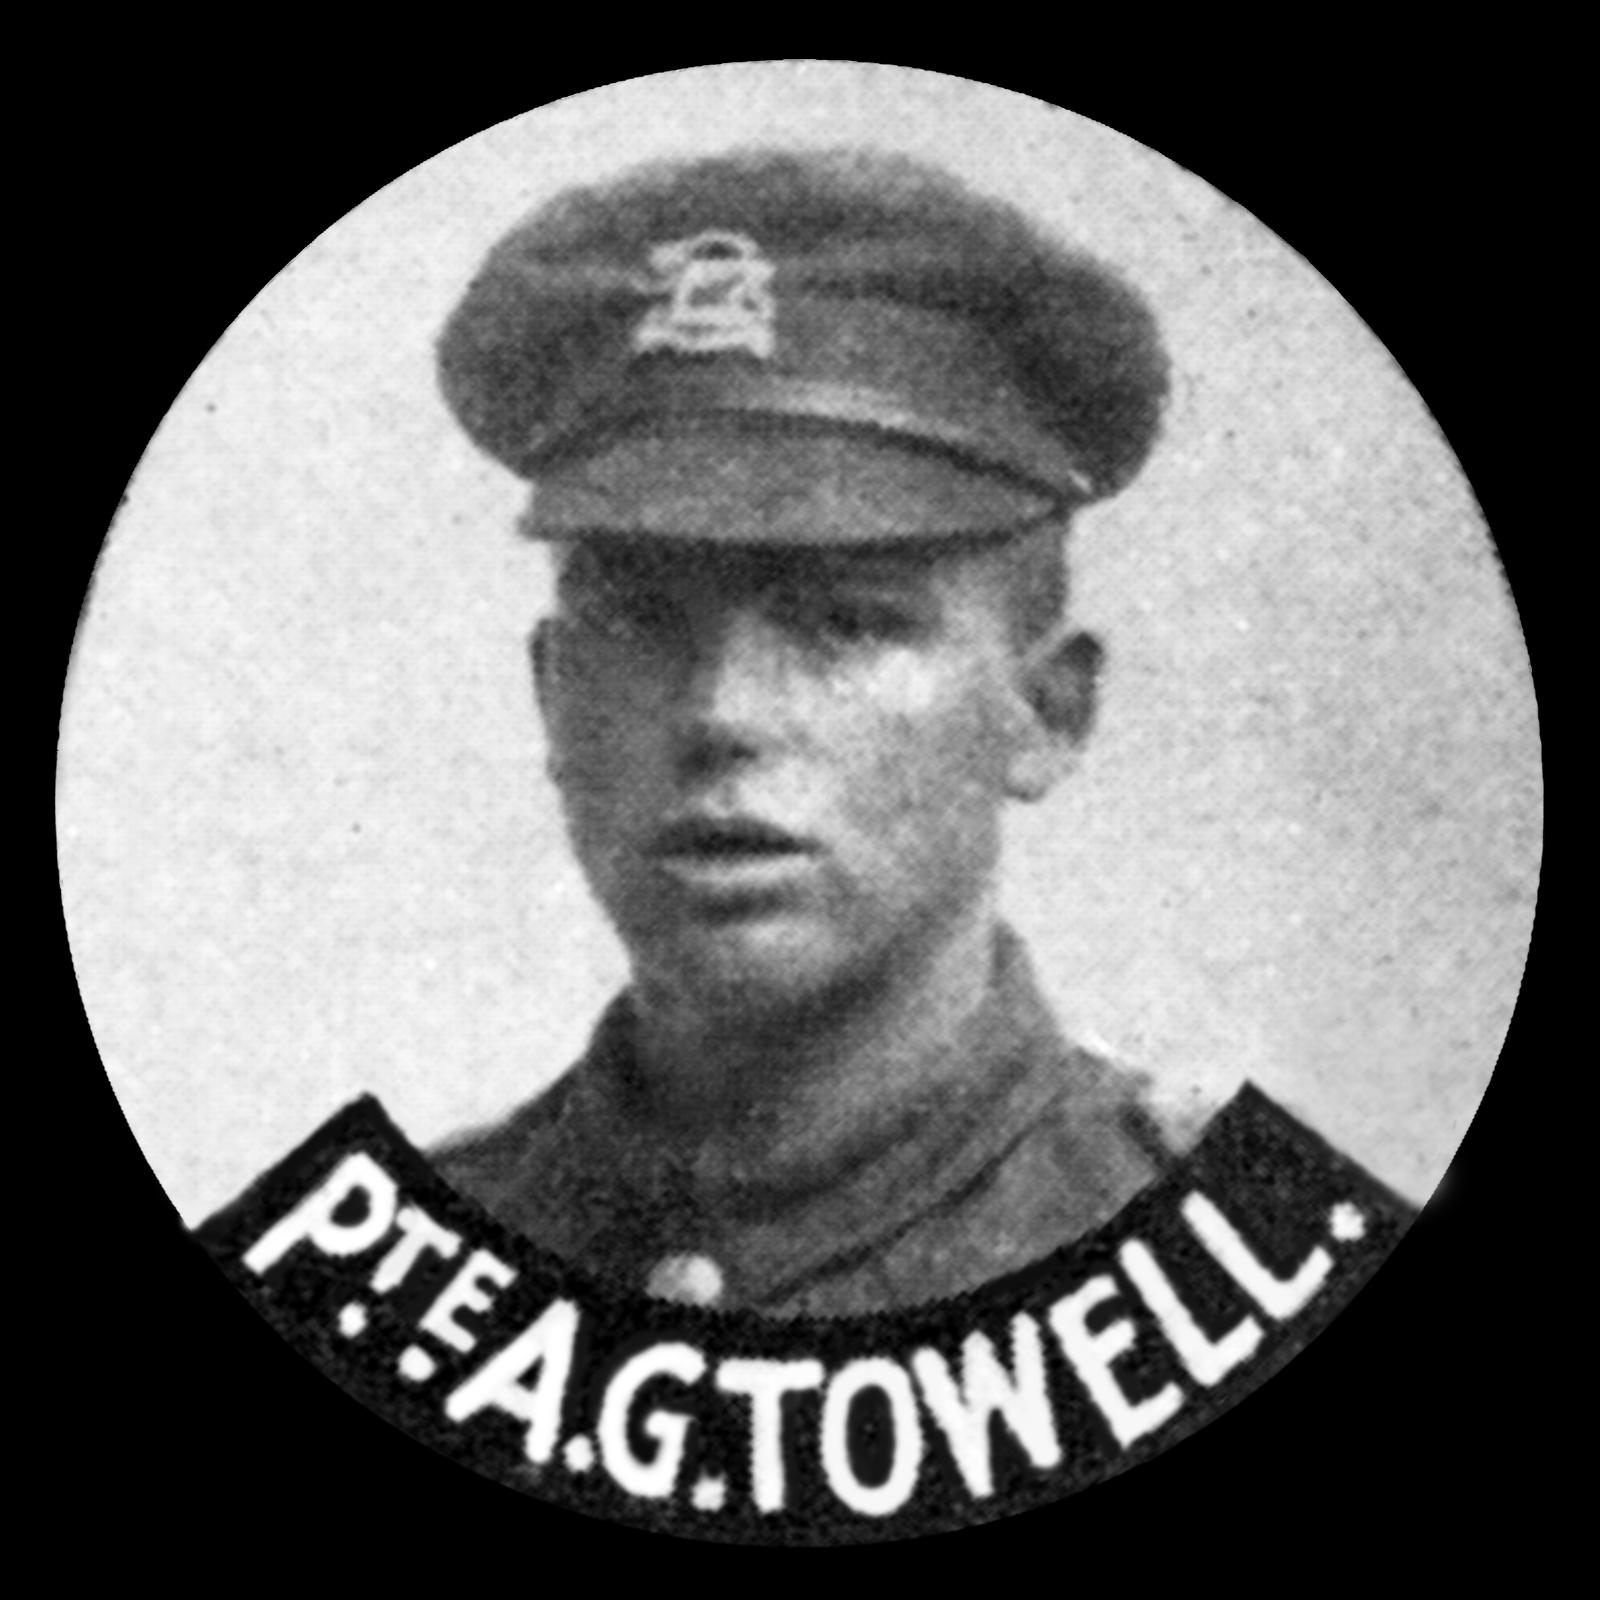 TOWELL Arthur George